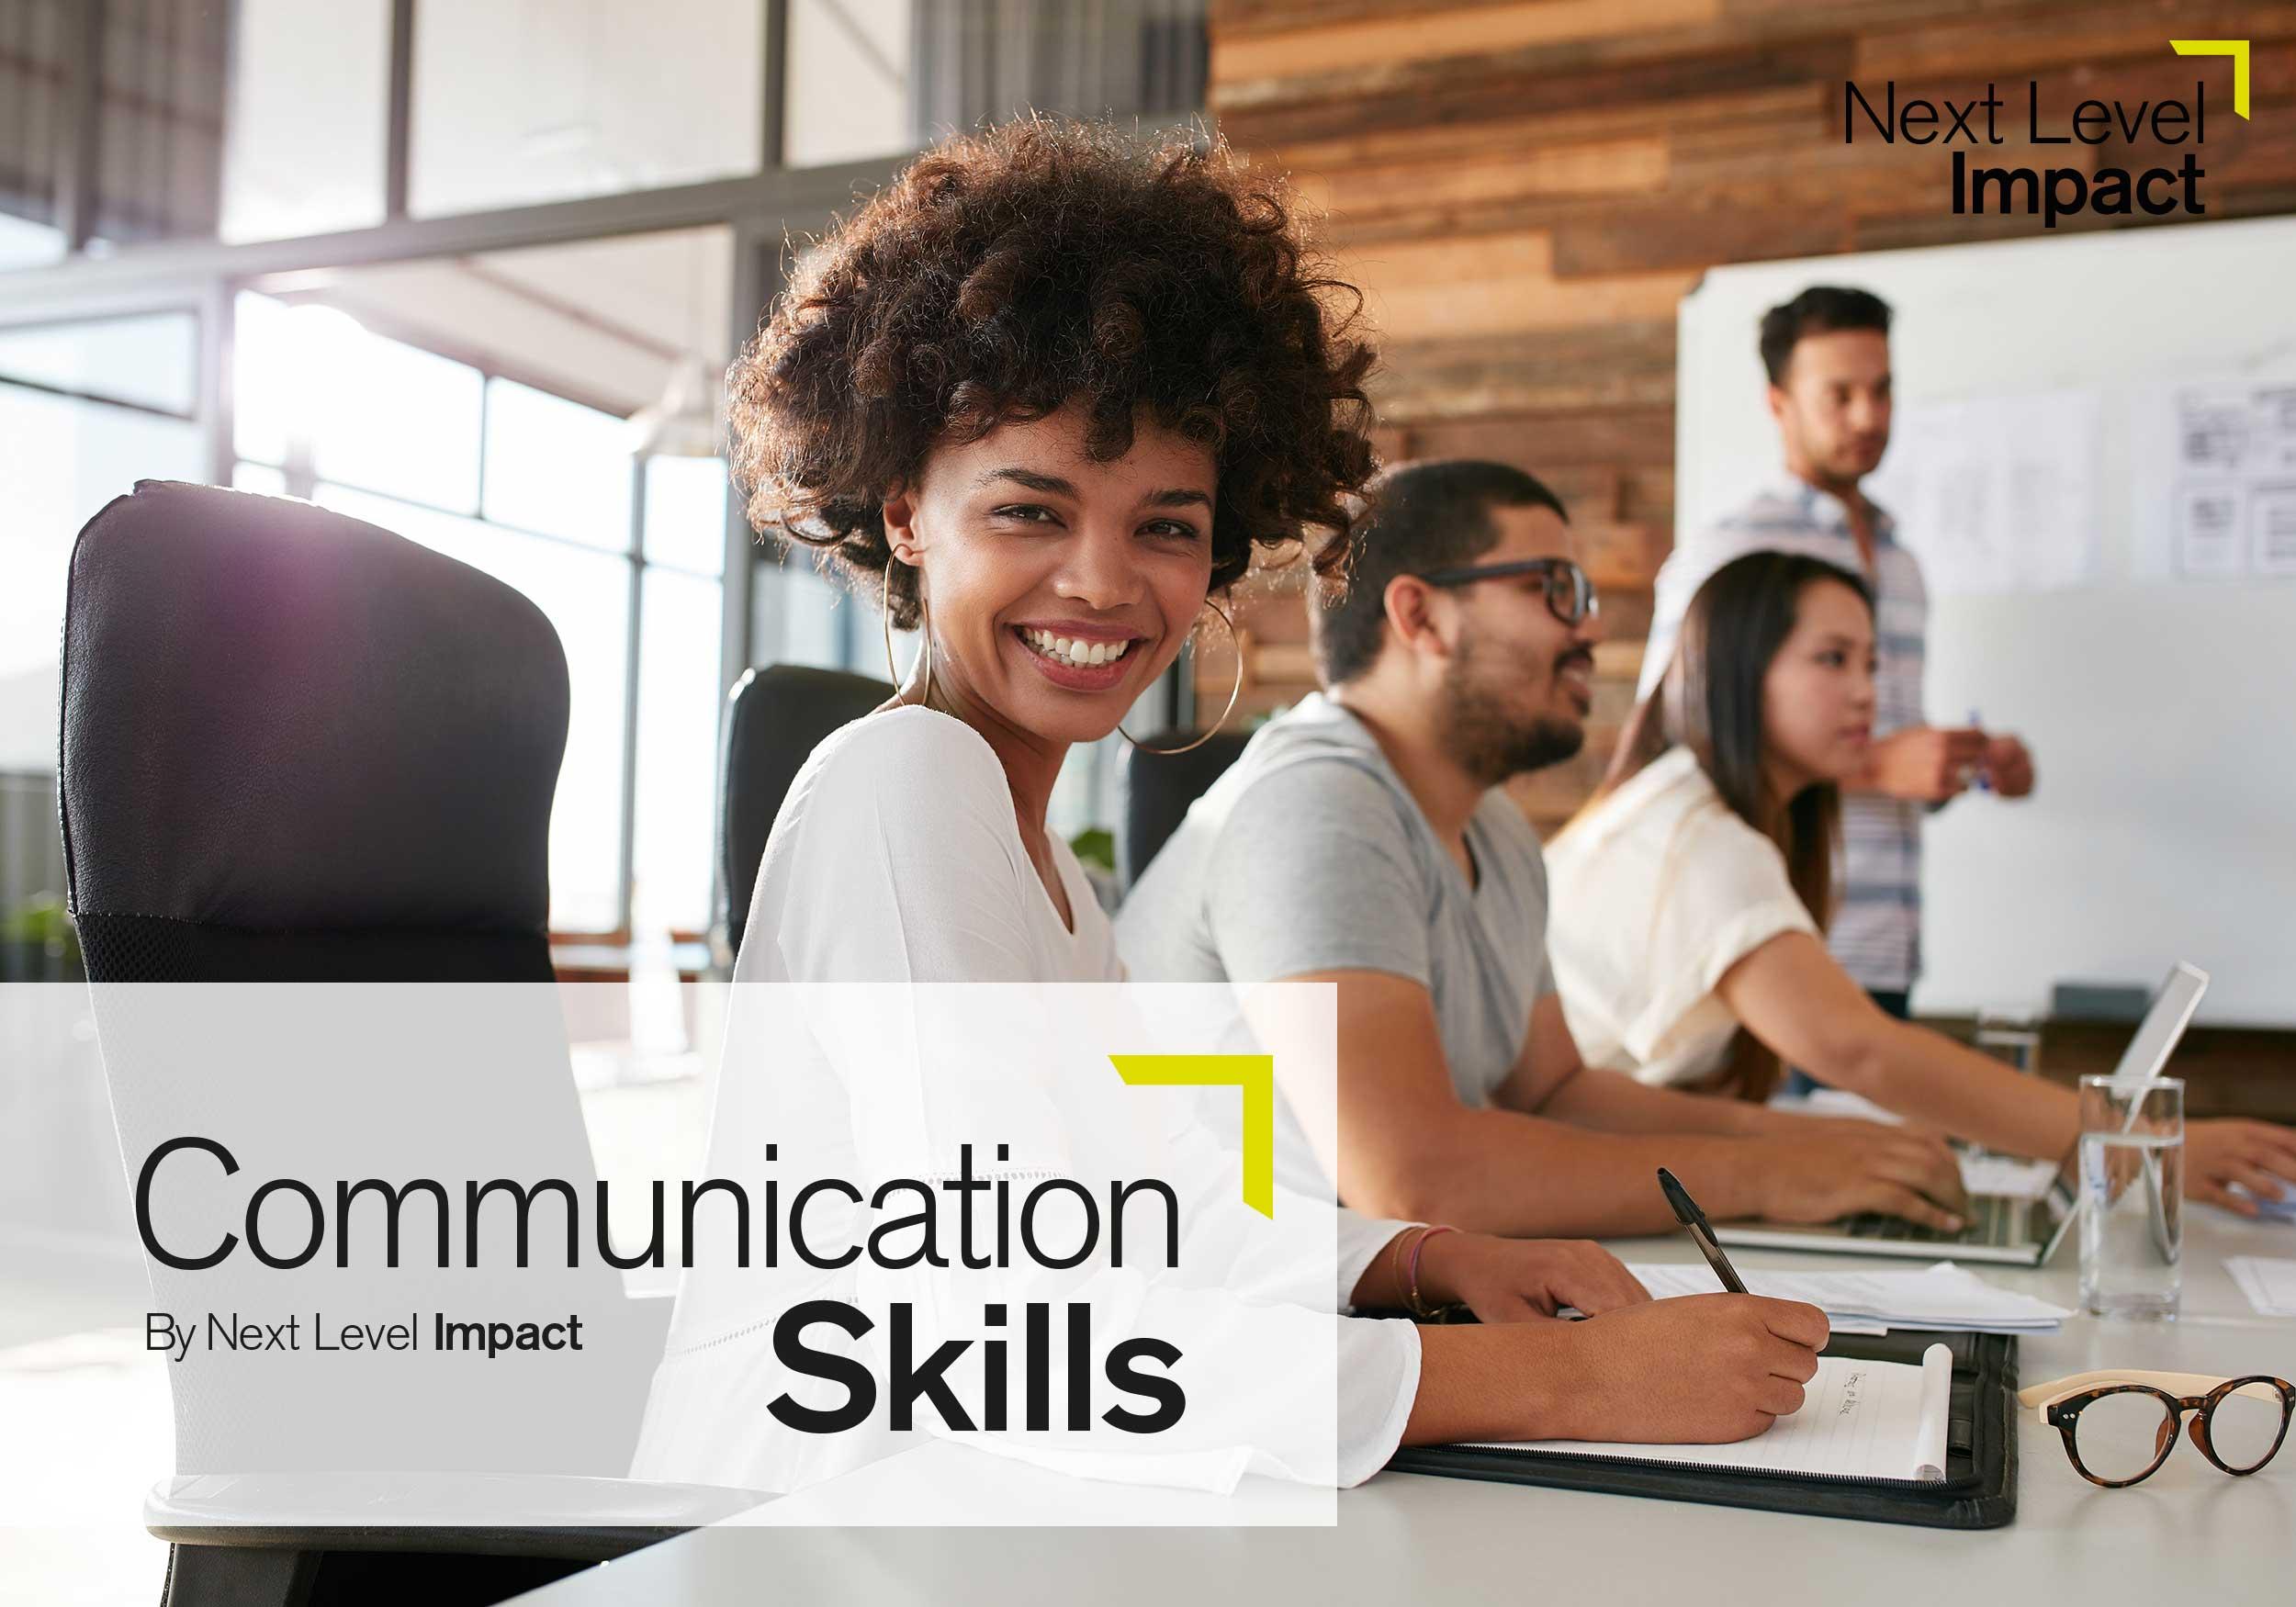 16605J-Communication-Skills-Banner-Image-green.jpg